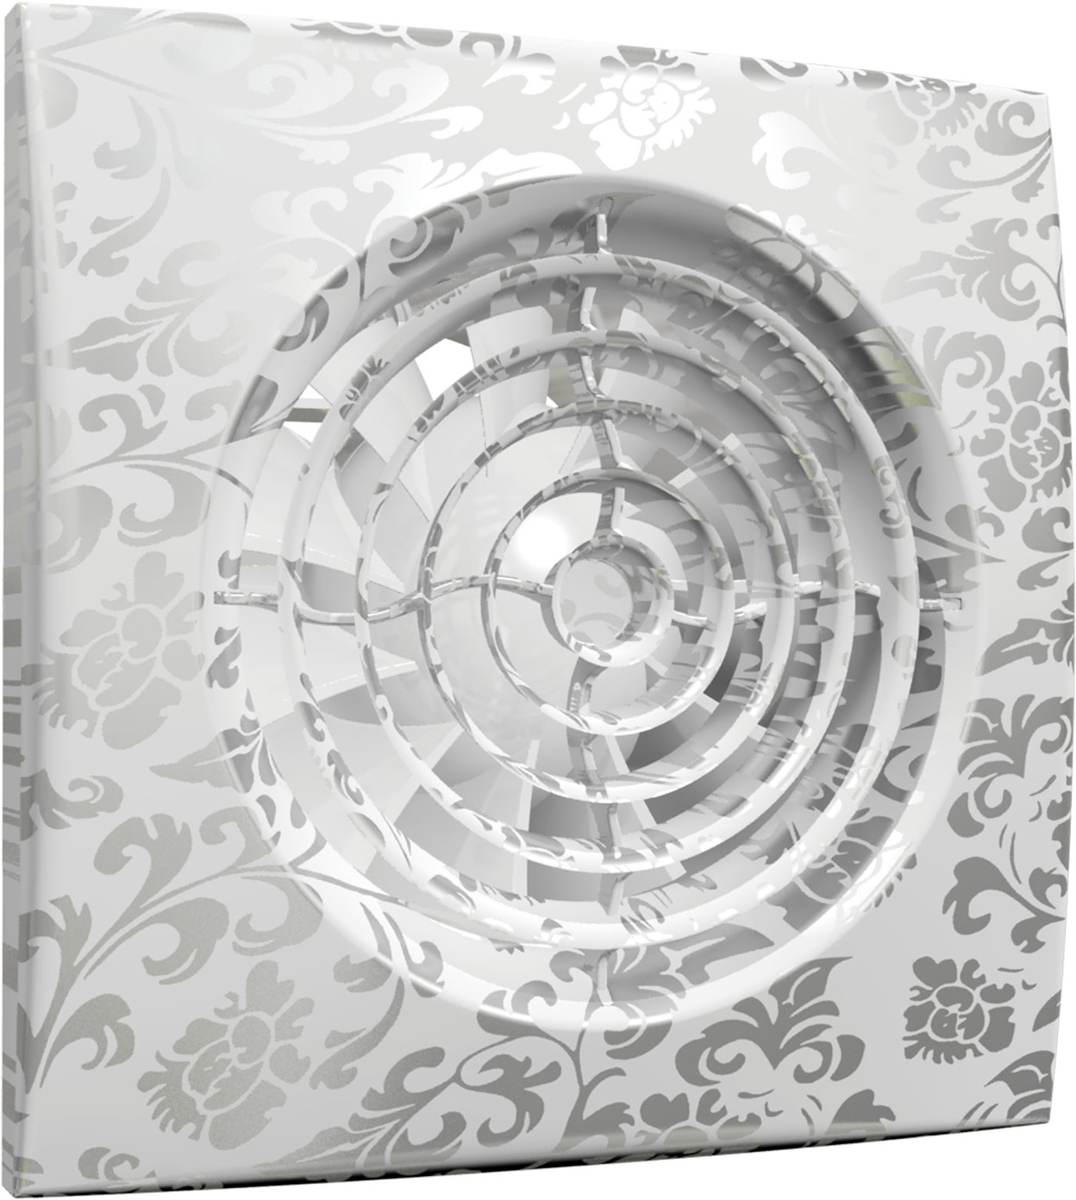 DiCiTi Aura 4C white design вентилятор осевой вытяжнойAURA 4C white designМалошумный осевой вытяжной декоративный вентилятор DiCiTi Aura 4C White Design с обратным клапаном и диаметром фланца 100 мм. Автоматический обратный клапан, защищающий от обратной тяги, предотвращает проникновение запахов, влаги из вентиляционного канала. Станет как оригинальным дополнением, так и ярким акцентом в интерьере любых комнат и помещений.Используется для постоянной или периодической вытяжной вентиляции санузлов, душевых, кухонь и других бытовых помещений. Монтаж осуществляется в вентиляционные шахты или соединения с воздуховодами.Корпус и крыльчатка выполнены из высококачественного и прочного ABS-пластика, стойкого к ультрафиолету. Конструкция крыльчатки позволяет повысить эффективность вентилятора и срок службы двигателя.Установлен двигатель на шарикоподшипниках с увеличенным сроком службы (до 40 000 рабочих часов) и низким энергопотреблением. Оснащен защитой от перегрева.